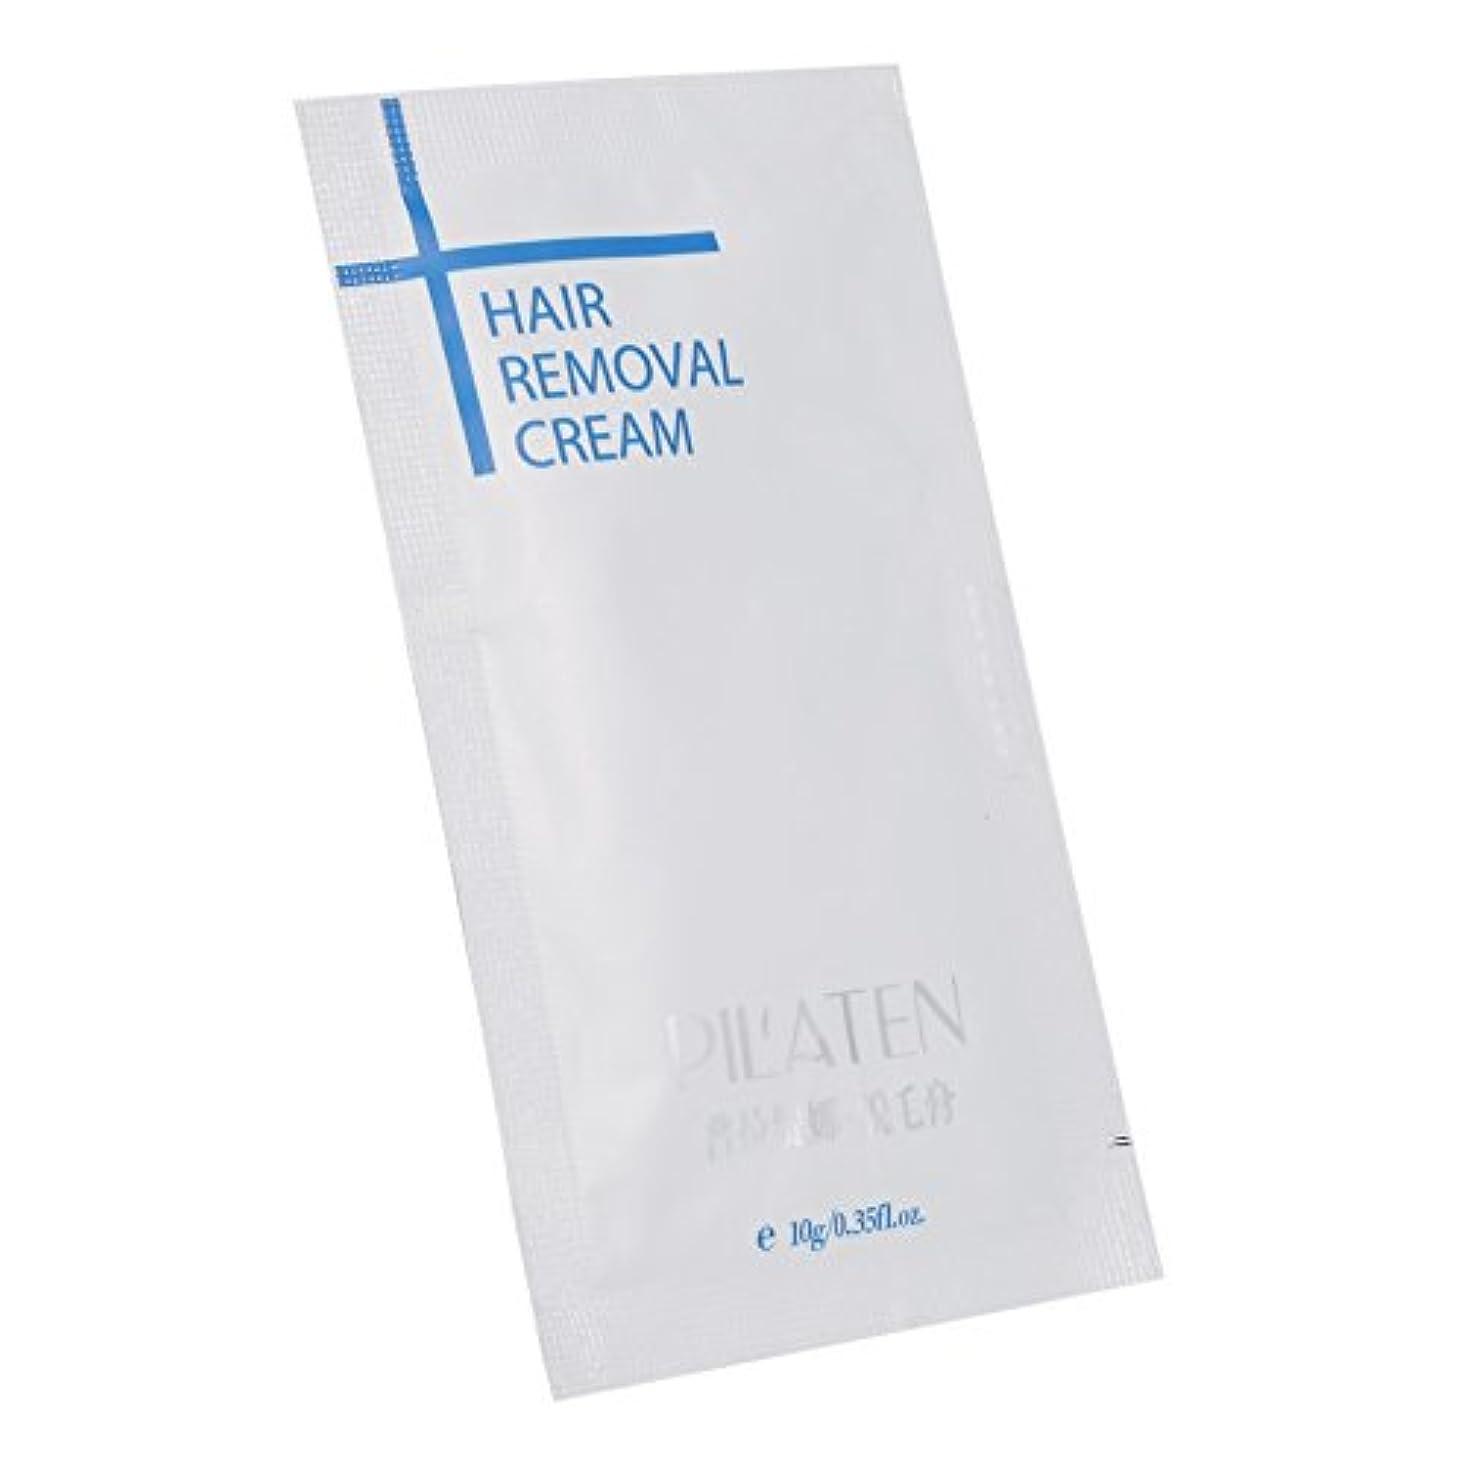 喉が渇いた適度な例脱毛クリーム、10個の女性の女性の脱毛クリーム脇の下の脚アームのボディの健康美容脱毛ペースト (1Pc)